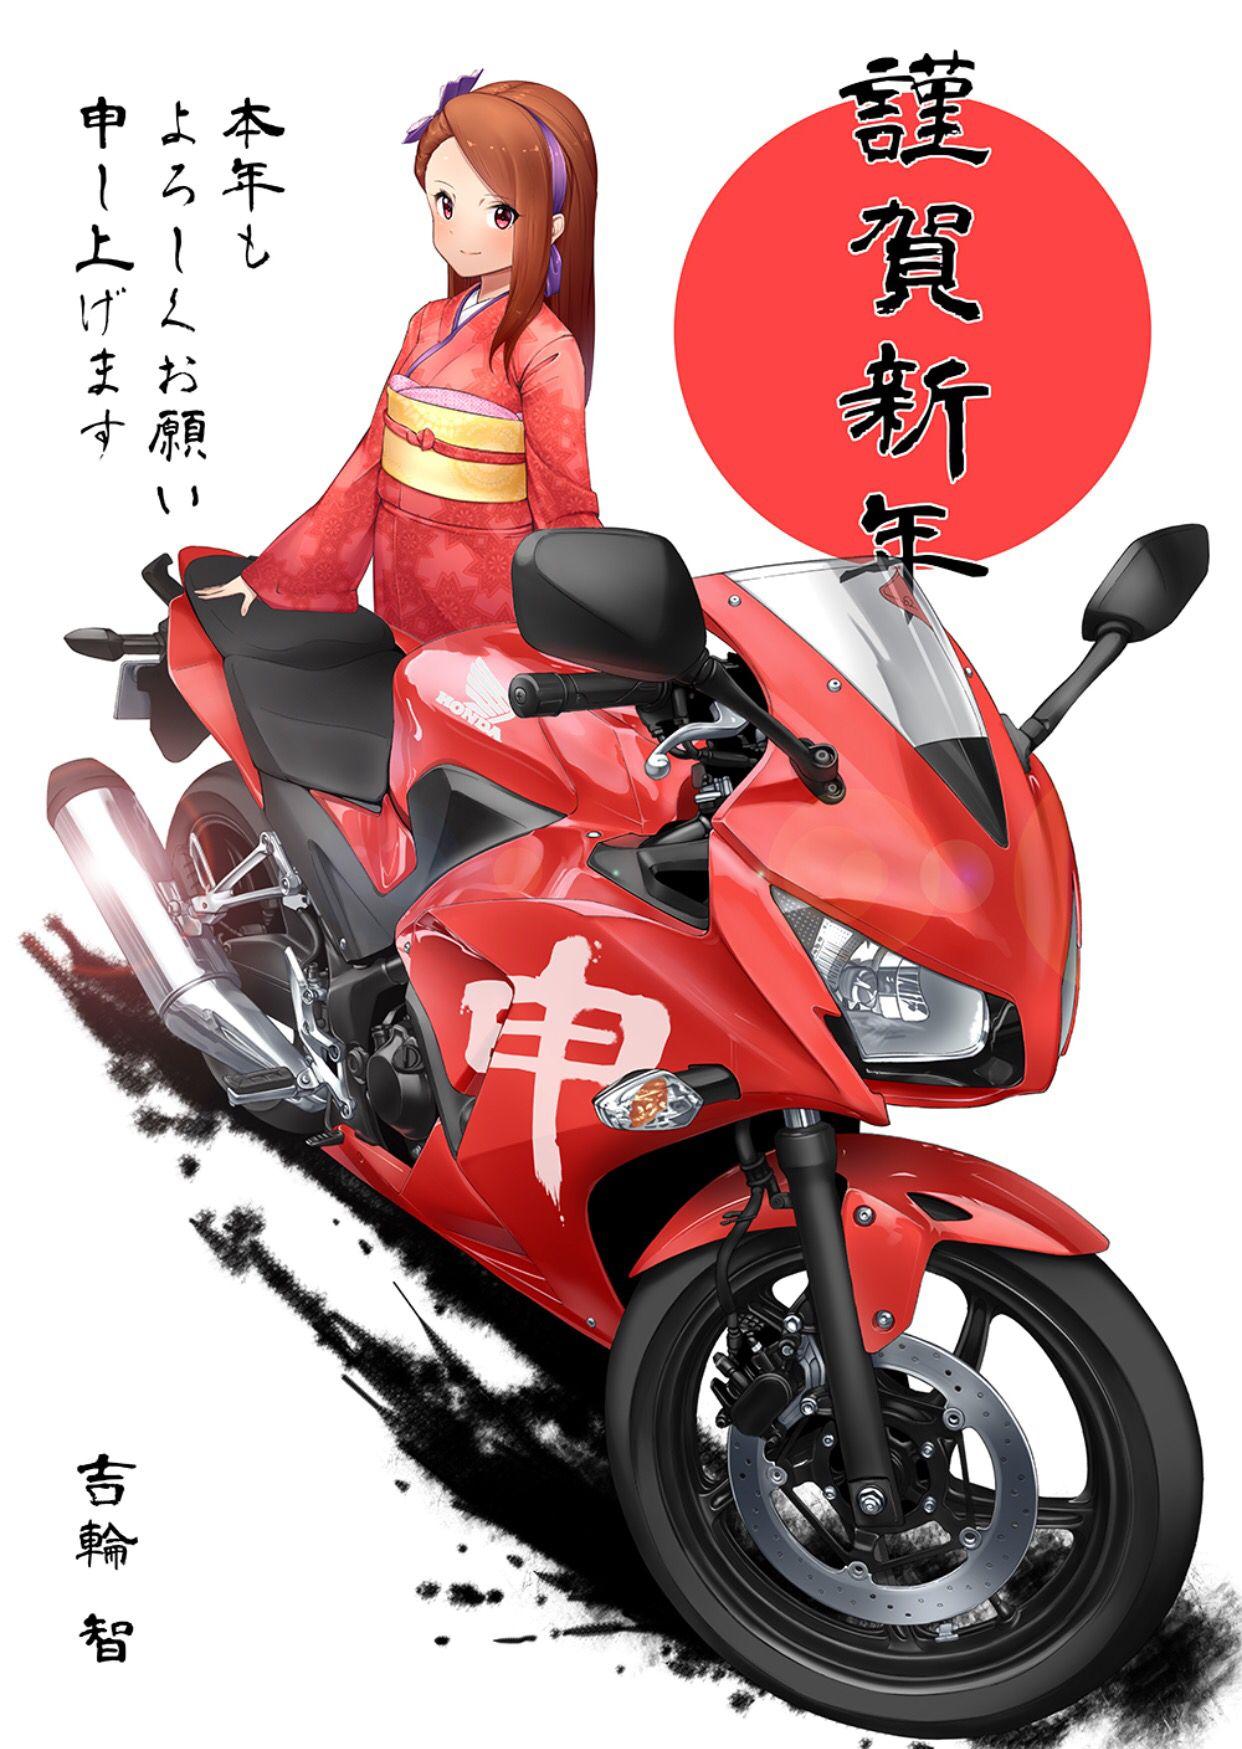 Motorcycle Girl Anime Motorcycle Biker Art Motorcycle Art